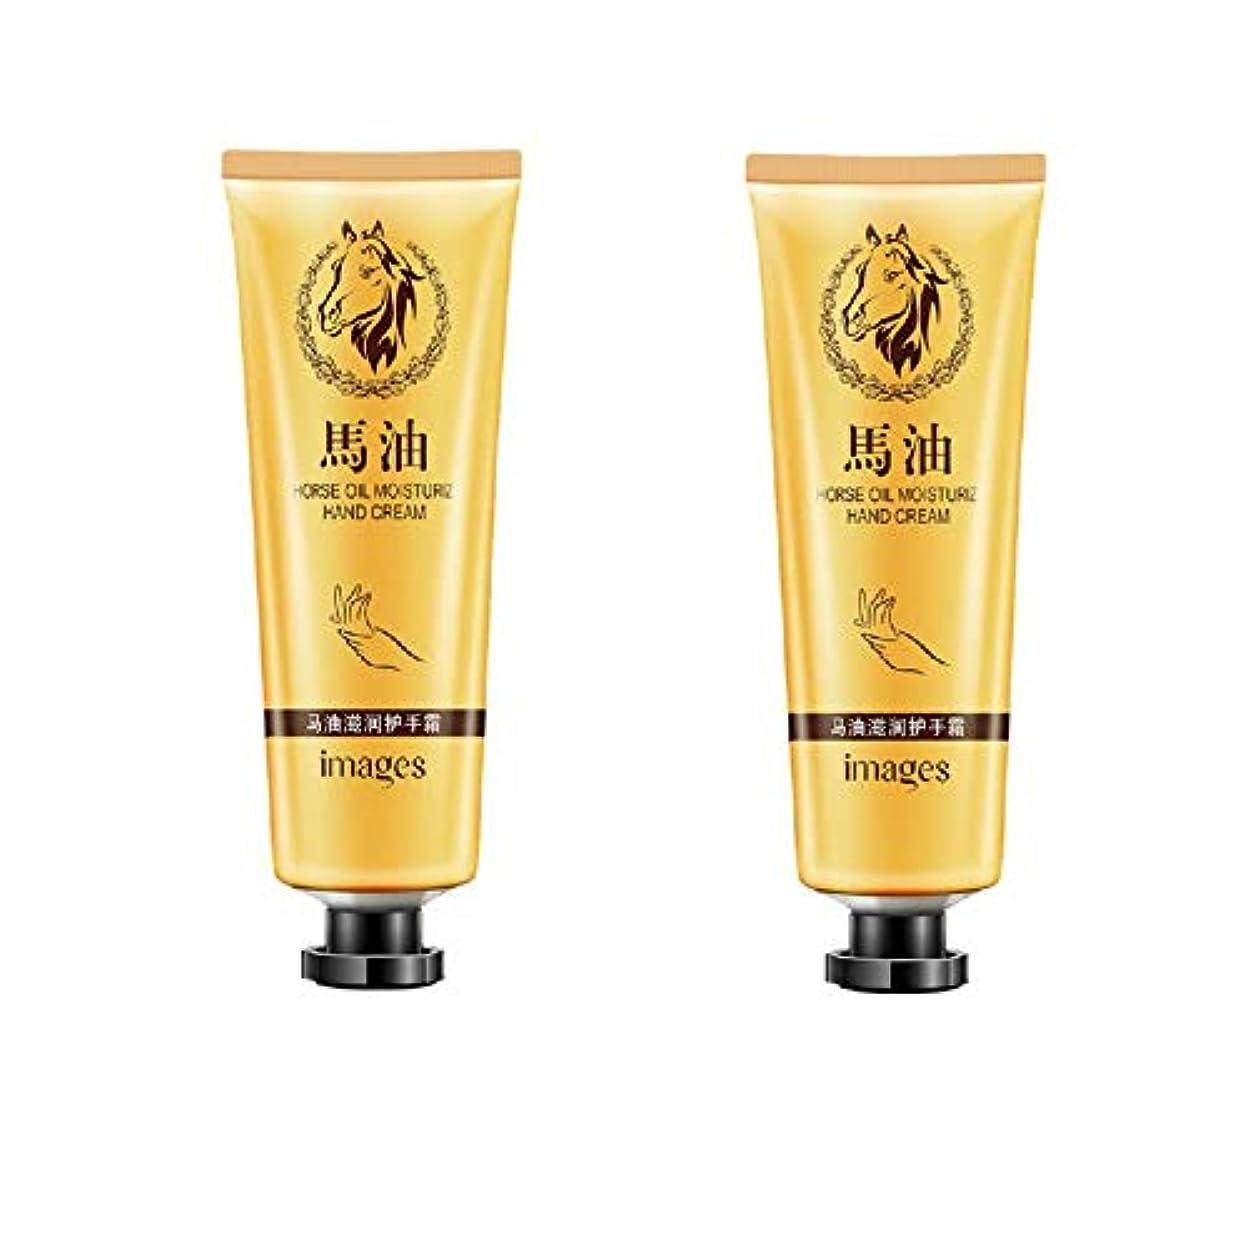 ファッション姓カップRuier-tong 馬油ハンドクリーム お得2本セット インテンスリペア ハンドクリーム &ボディローション 皮膚があかぎれ防止 ハンドクリーム 手肌用保湿 濃厚な保湿力 低刺激 超乾燥肌用 30g